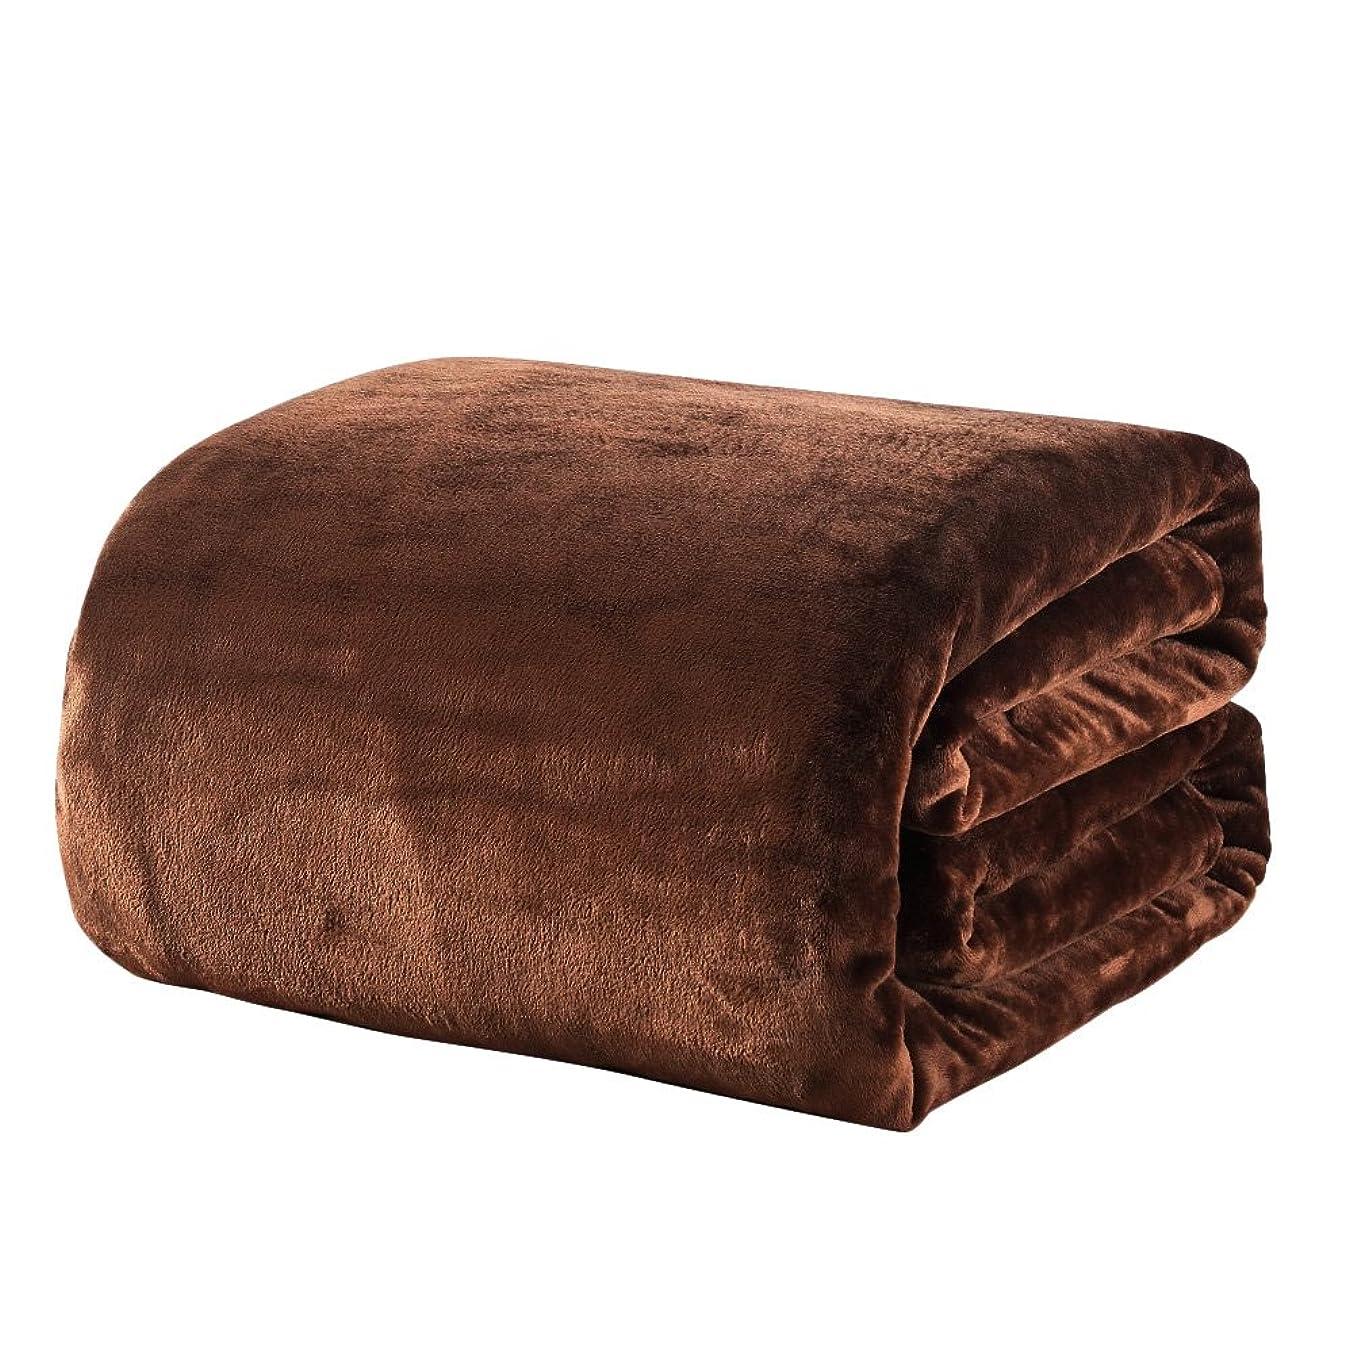 に渡ってうがい衣類毛布 ダブル あったか マイクロファイバー 軽い 暖かい柔らかい ふわふわ 洗える フランネル 毛布(ダブル?180×200cm, ブラウン)